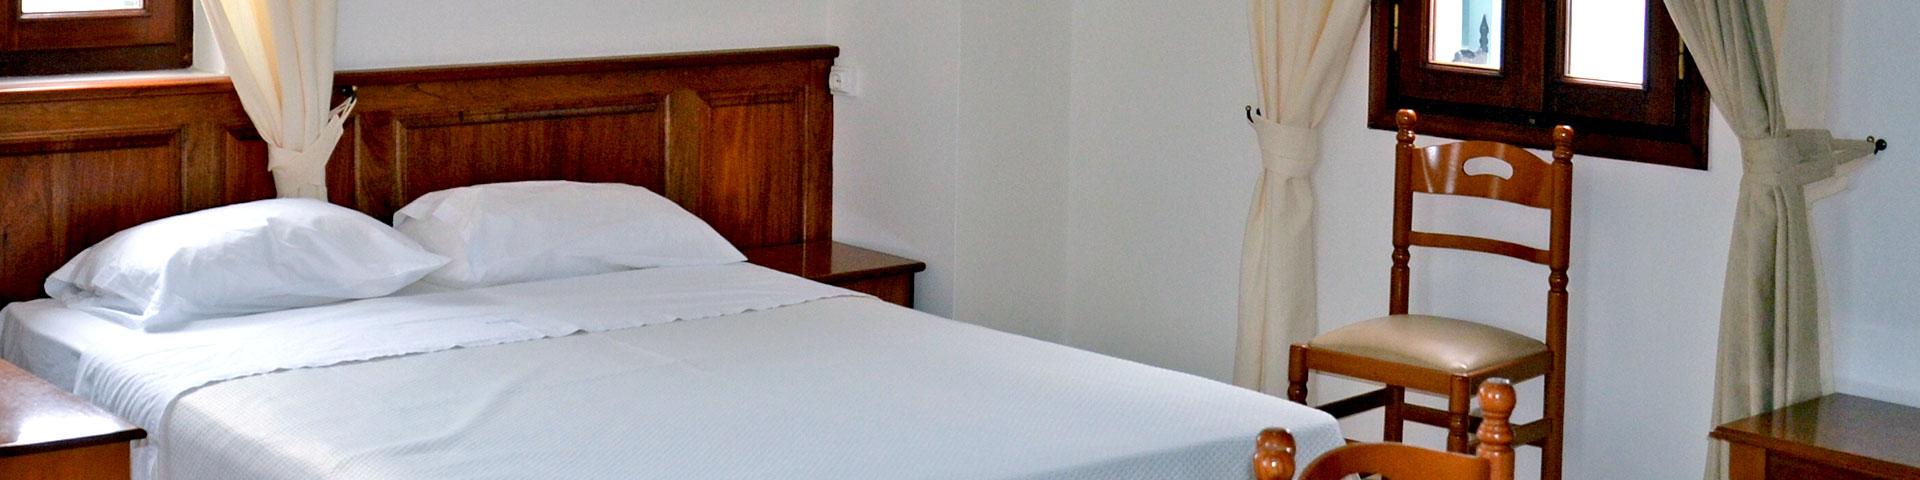 Kastro Hotel Spetses Accommodation Header